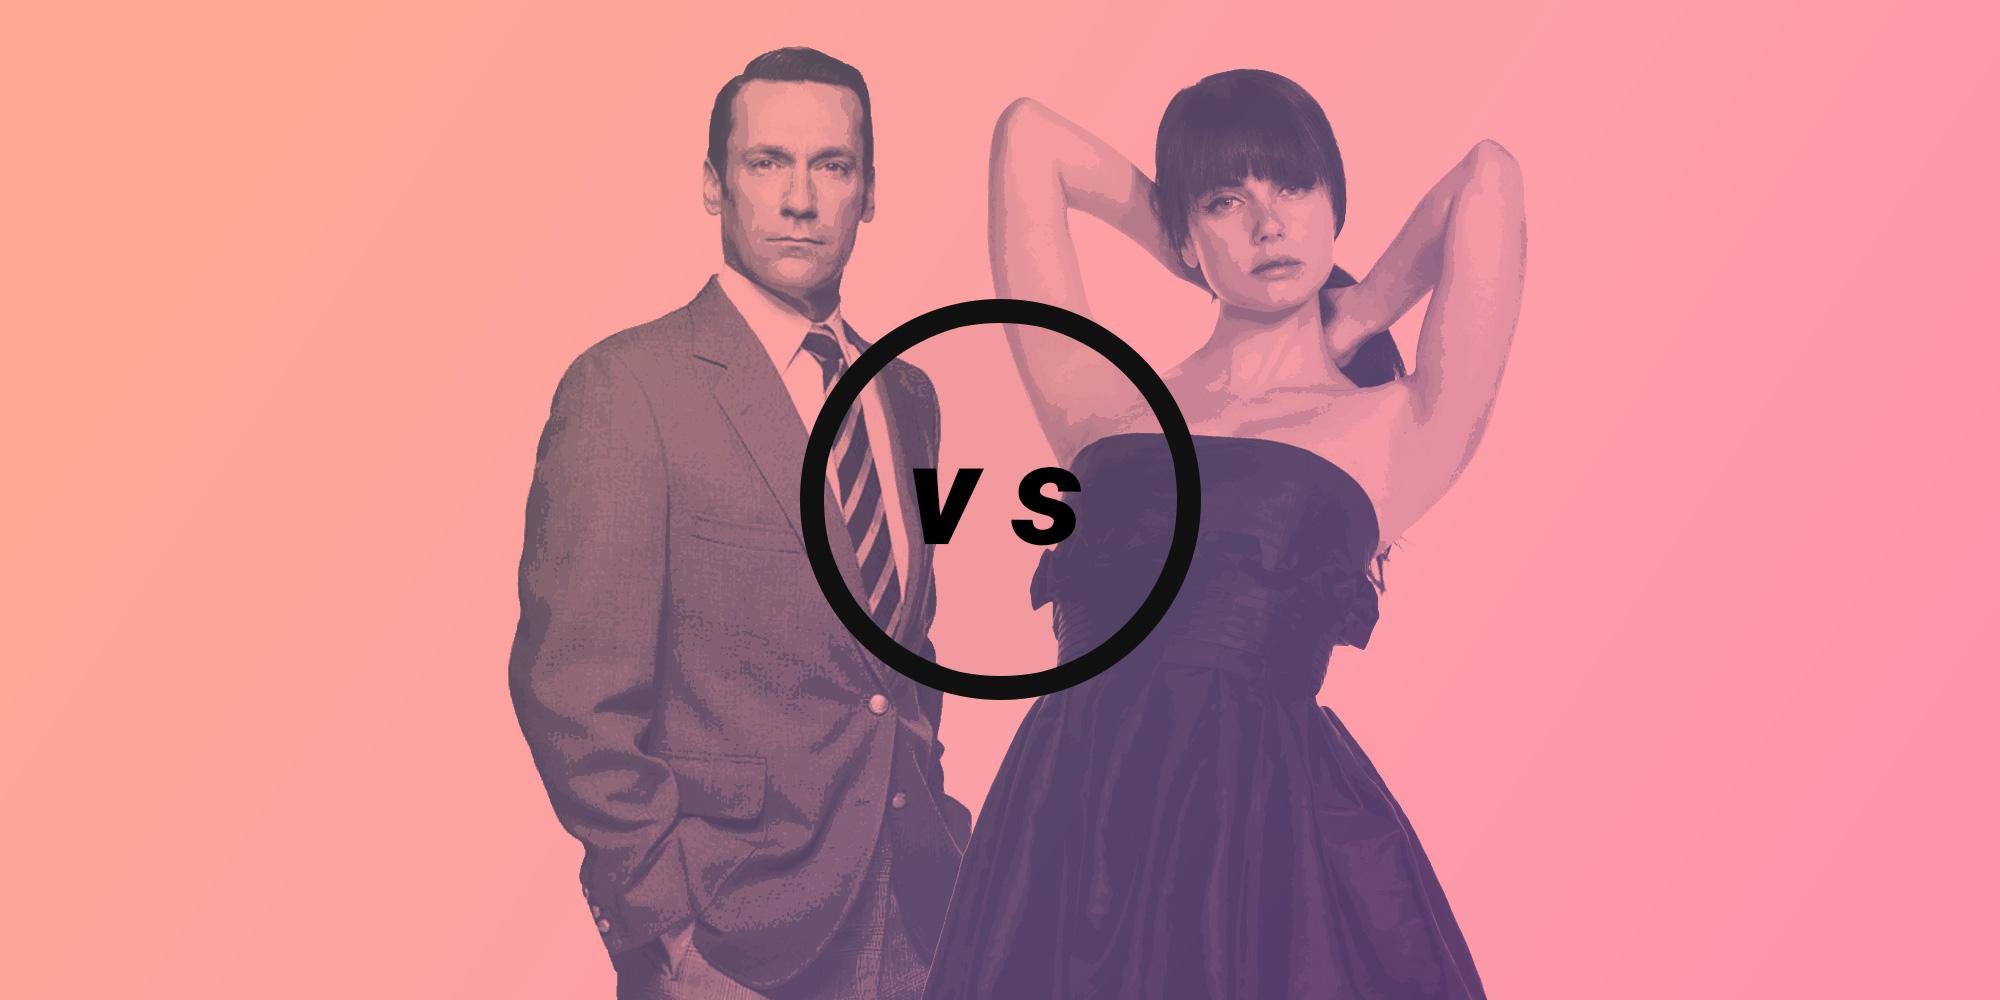 don draper versus jenny schecter